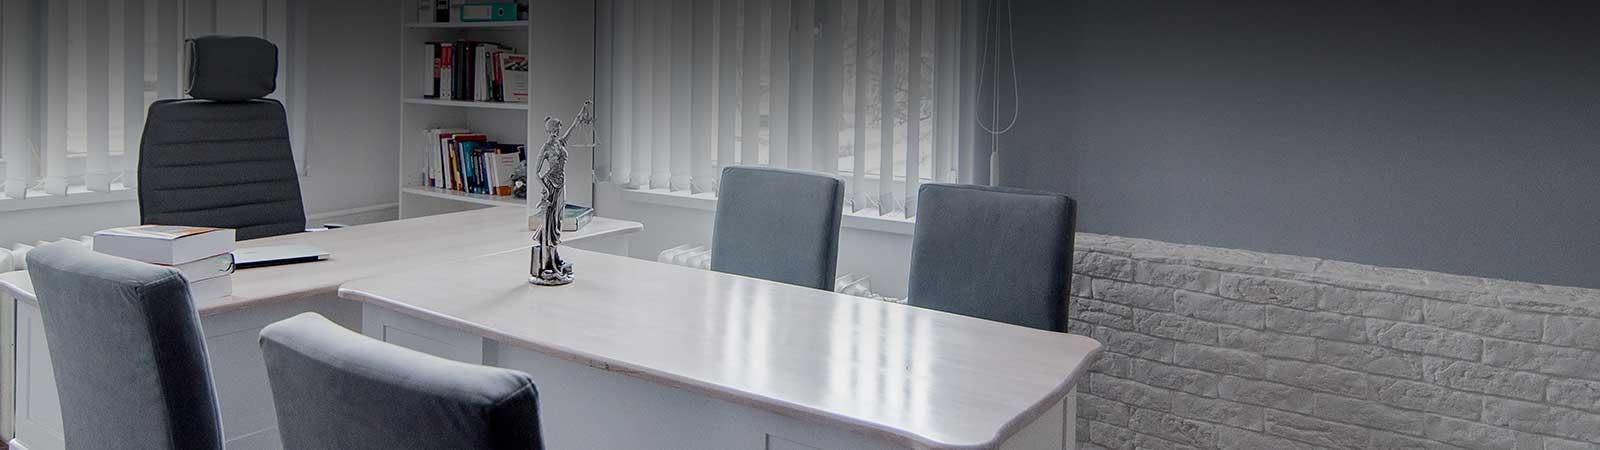 Prawo medyczne i farmaceutyczne - Kancelaria Prawna